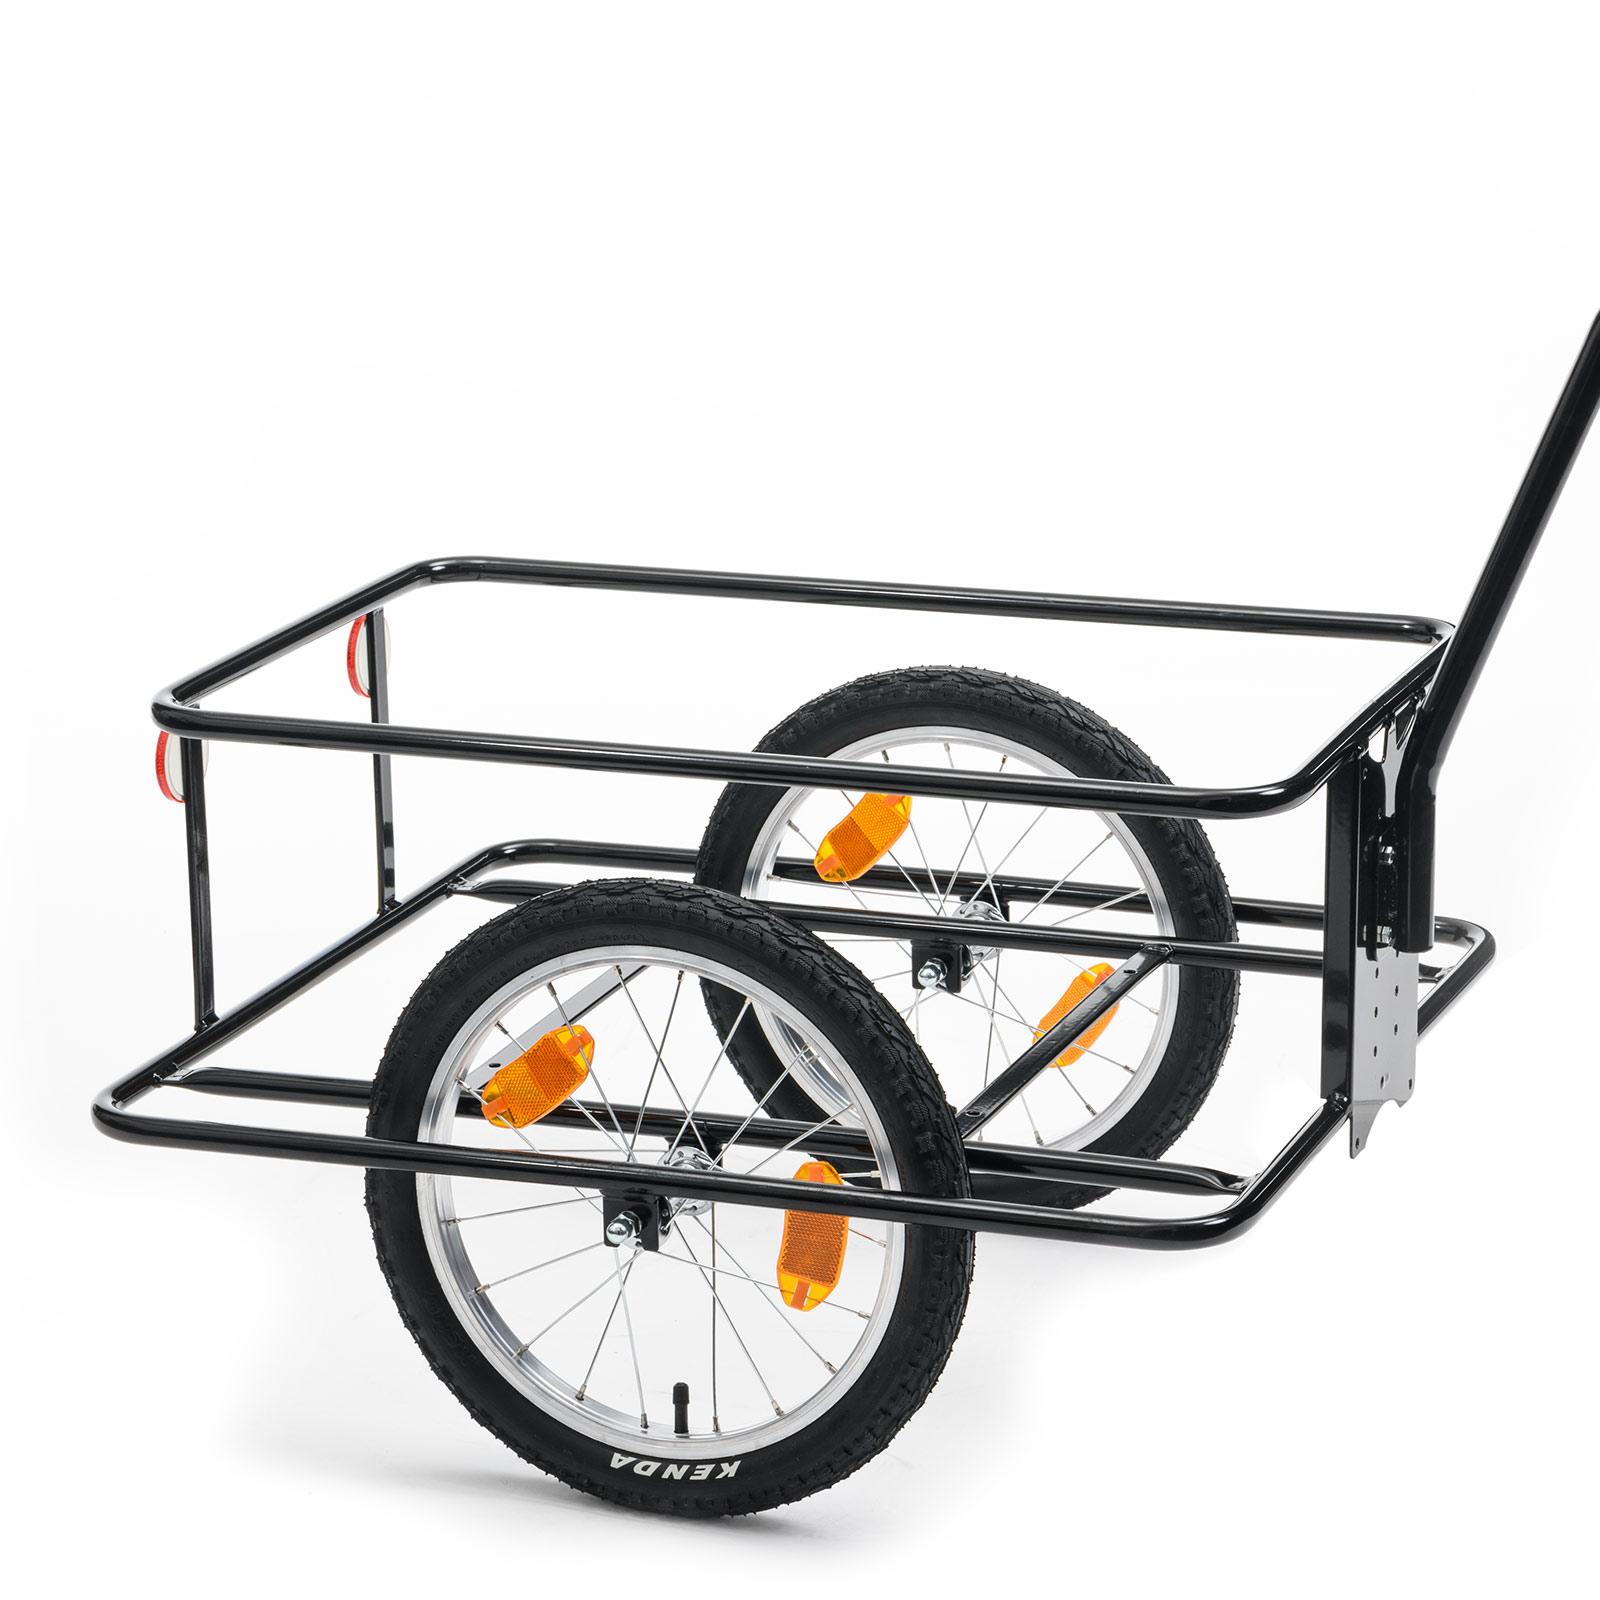 roland big boy typ a lastenanh nger fahrrad mit wanne fahrrad transportanh nger ebay. Black Bedroom Furniture Sets. Home Design Ideas